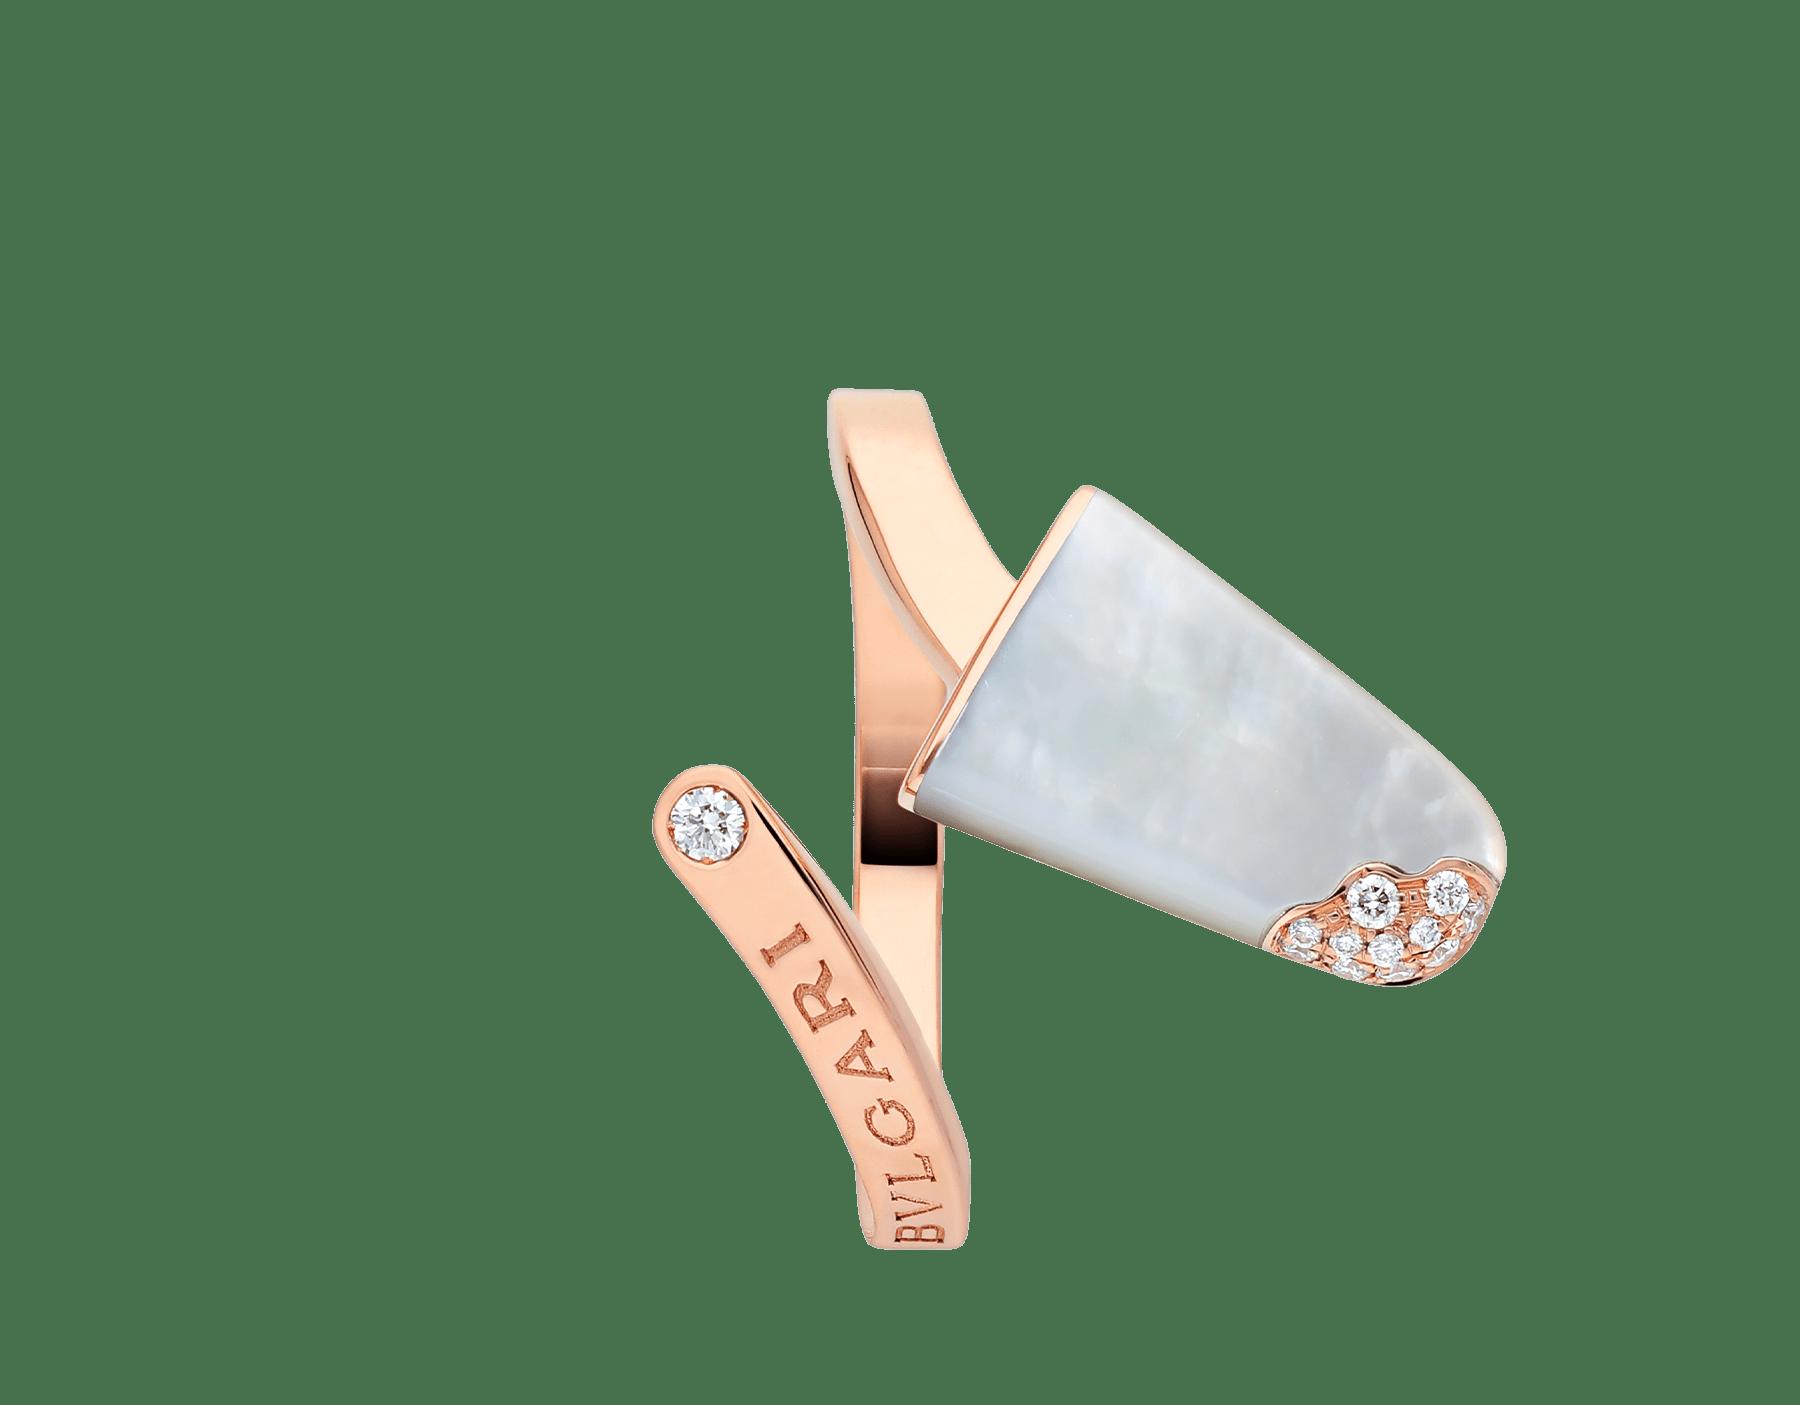 BVLGARI BVLGARI系列戒指,18K玫瑰金材质,镶嵌珍珠母贝,饰以密镶钻石 AN858014 image 3